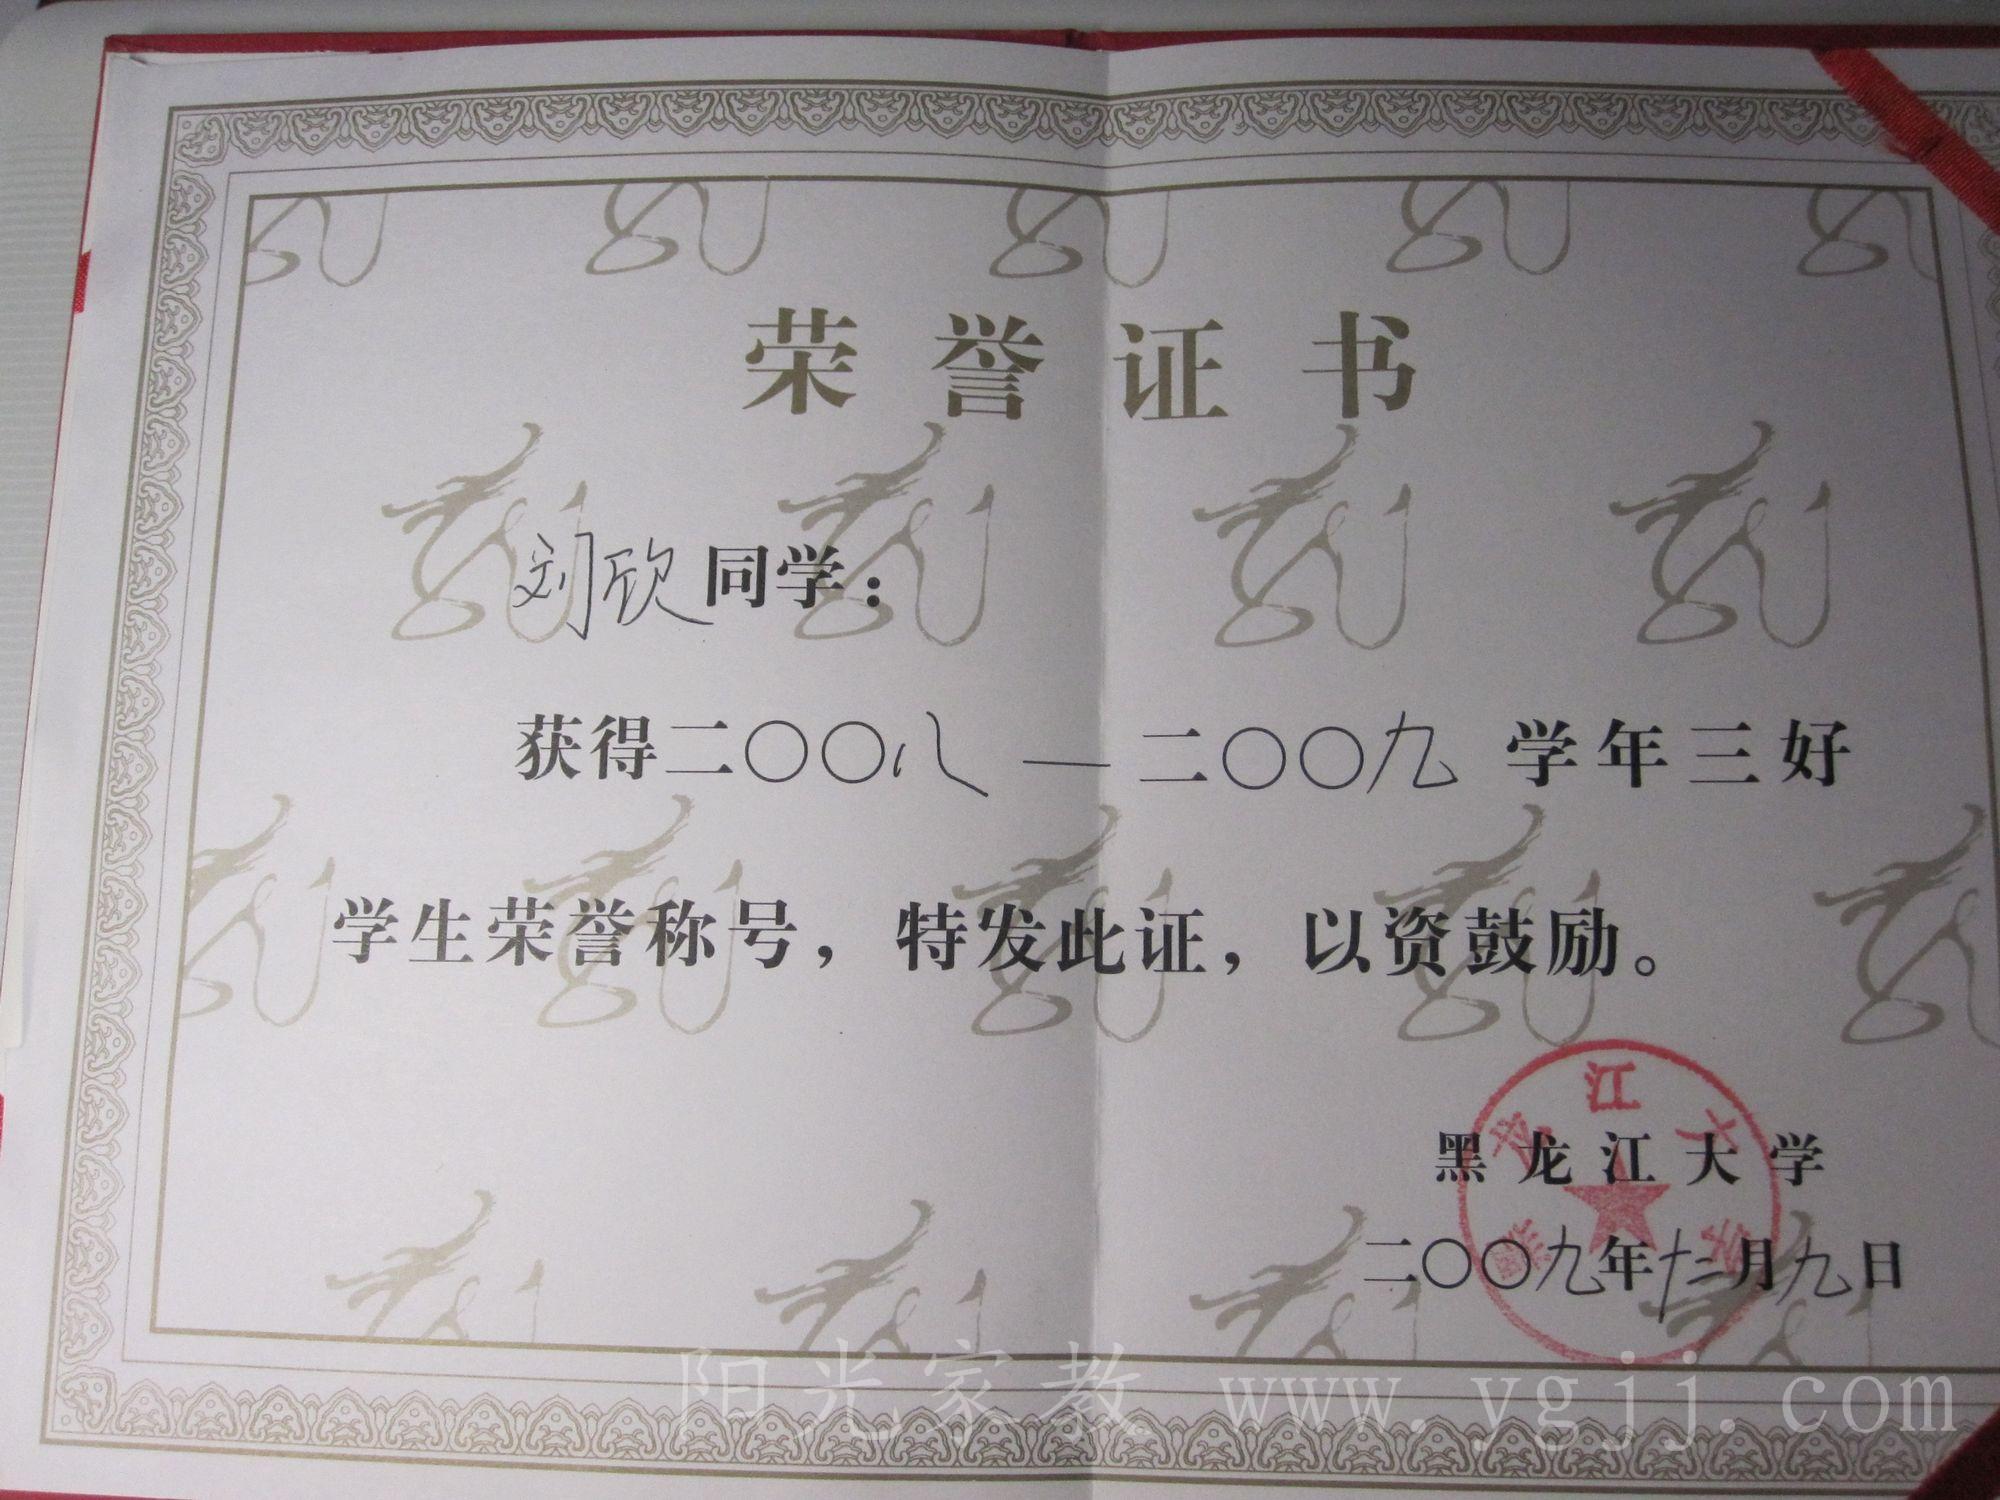 三好学生证书模板doc下载_爱问共享资料